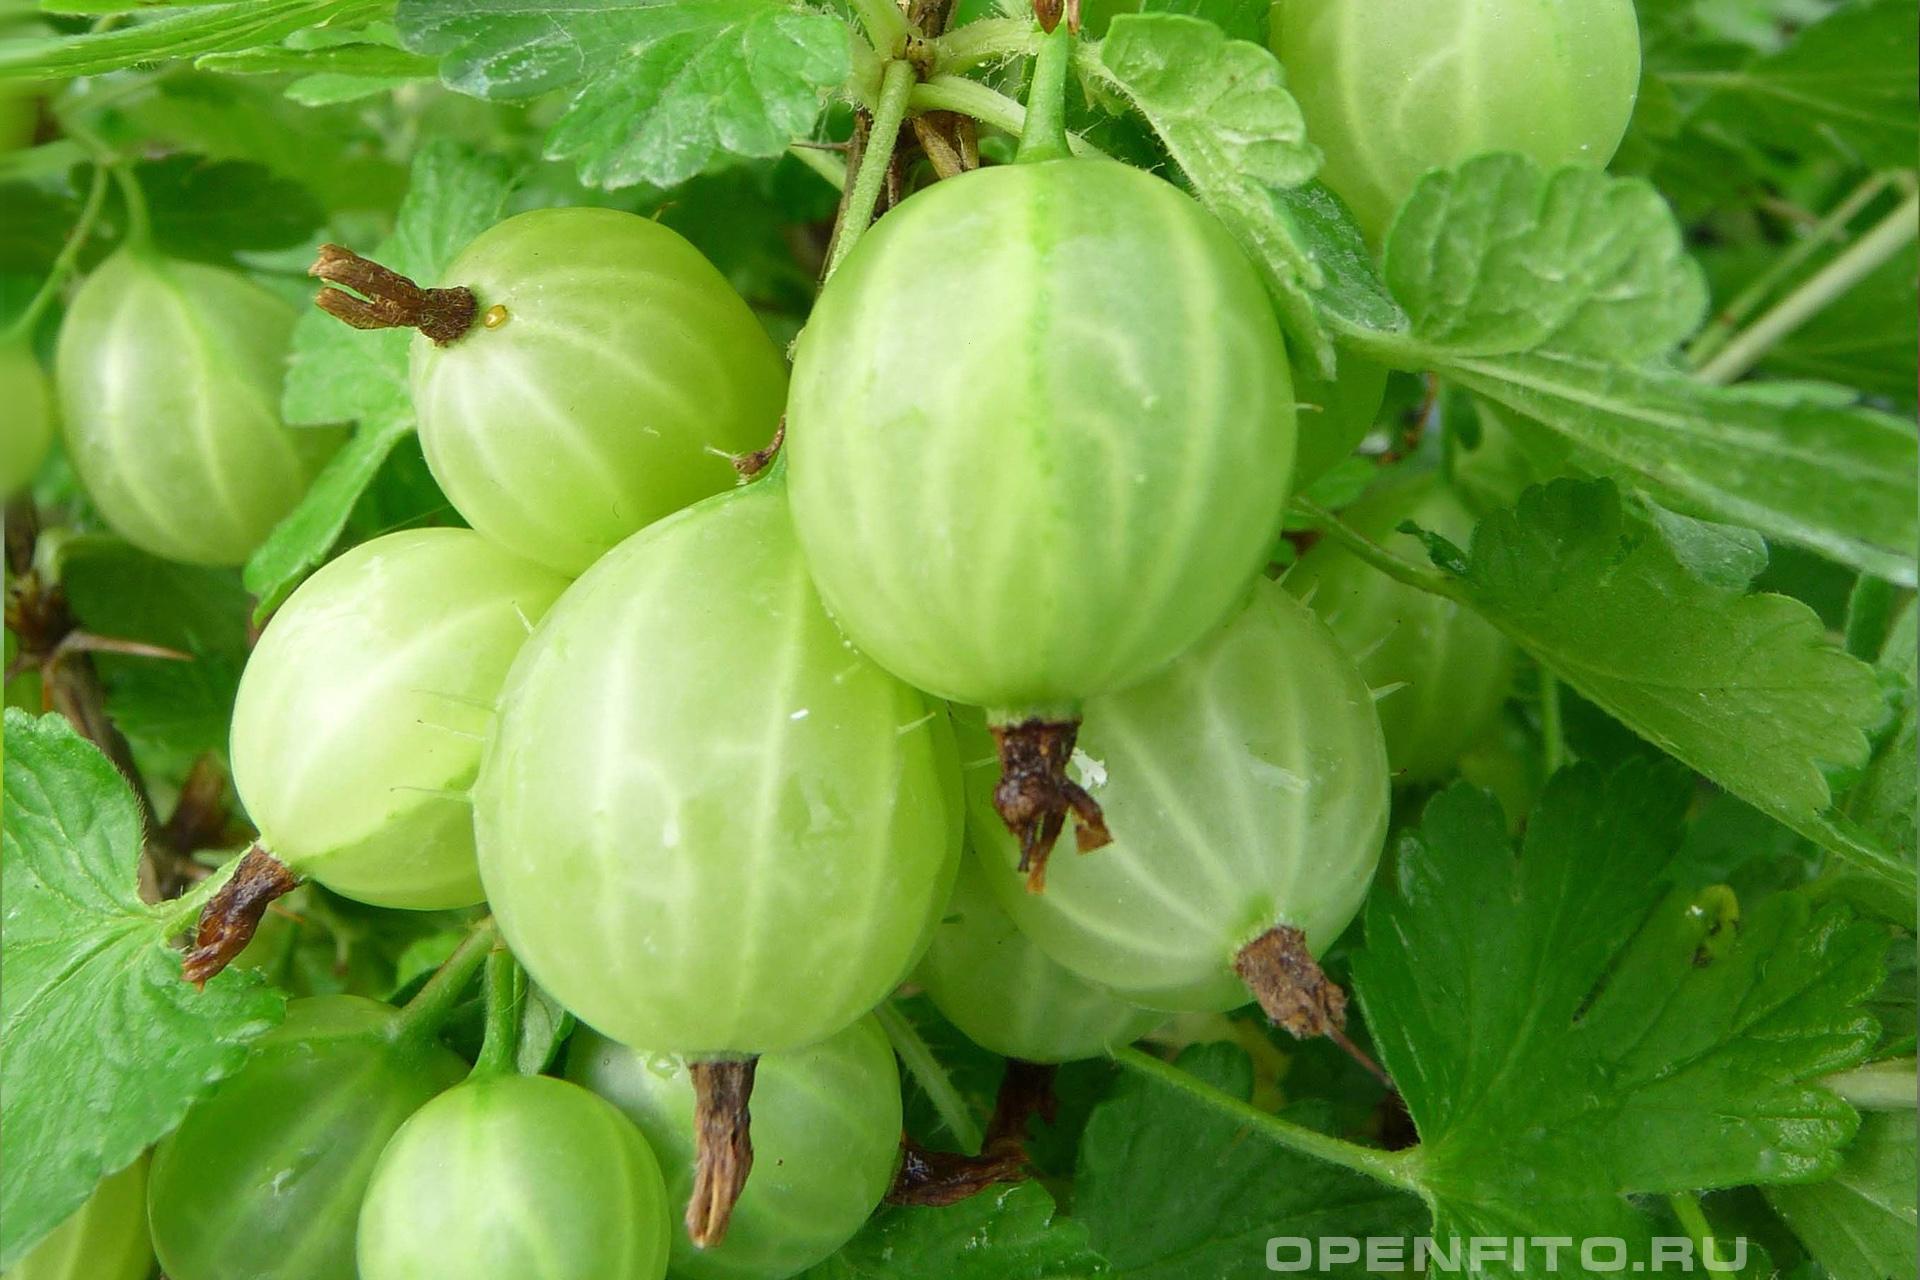 Крыжовник обыкновенный фото незрелых плодов кустарника